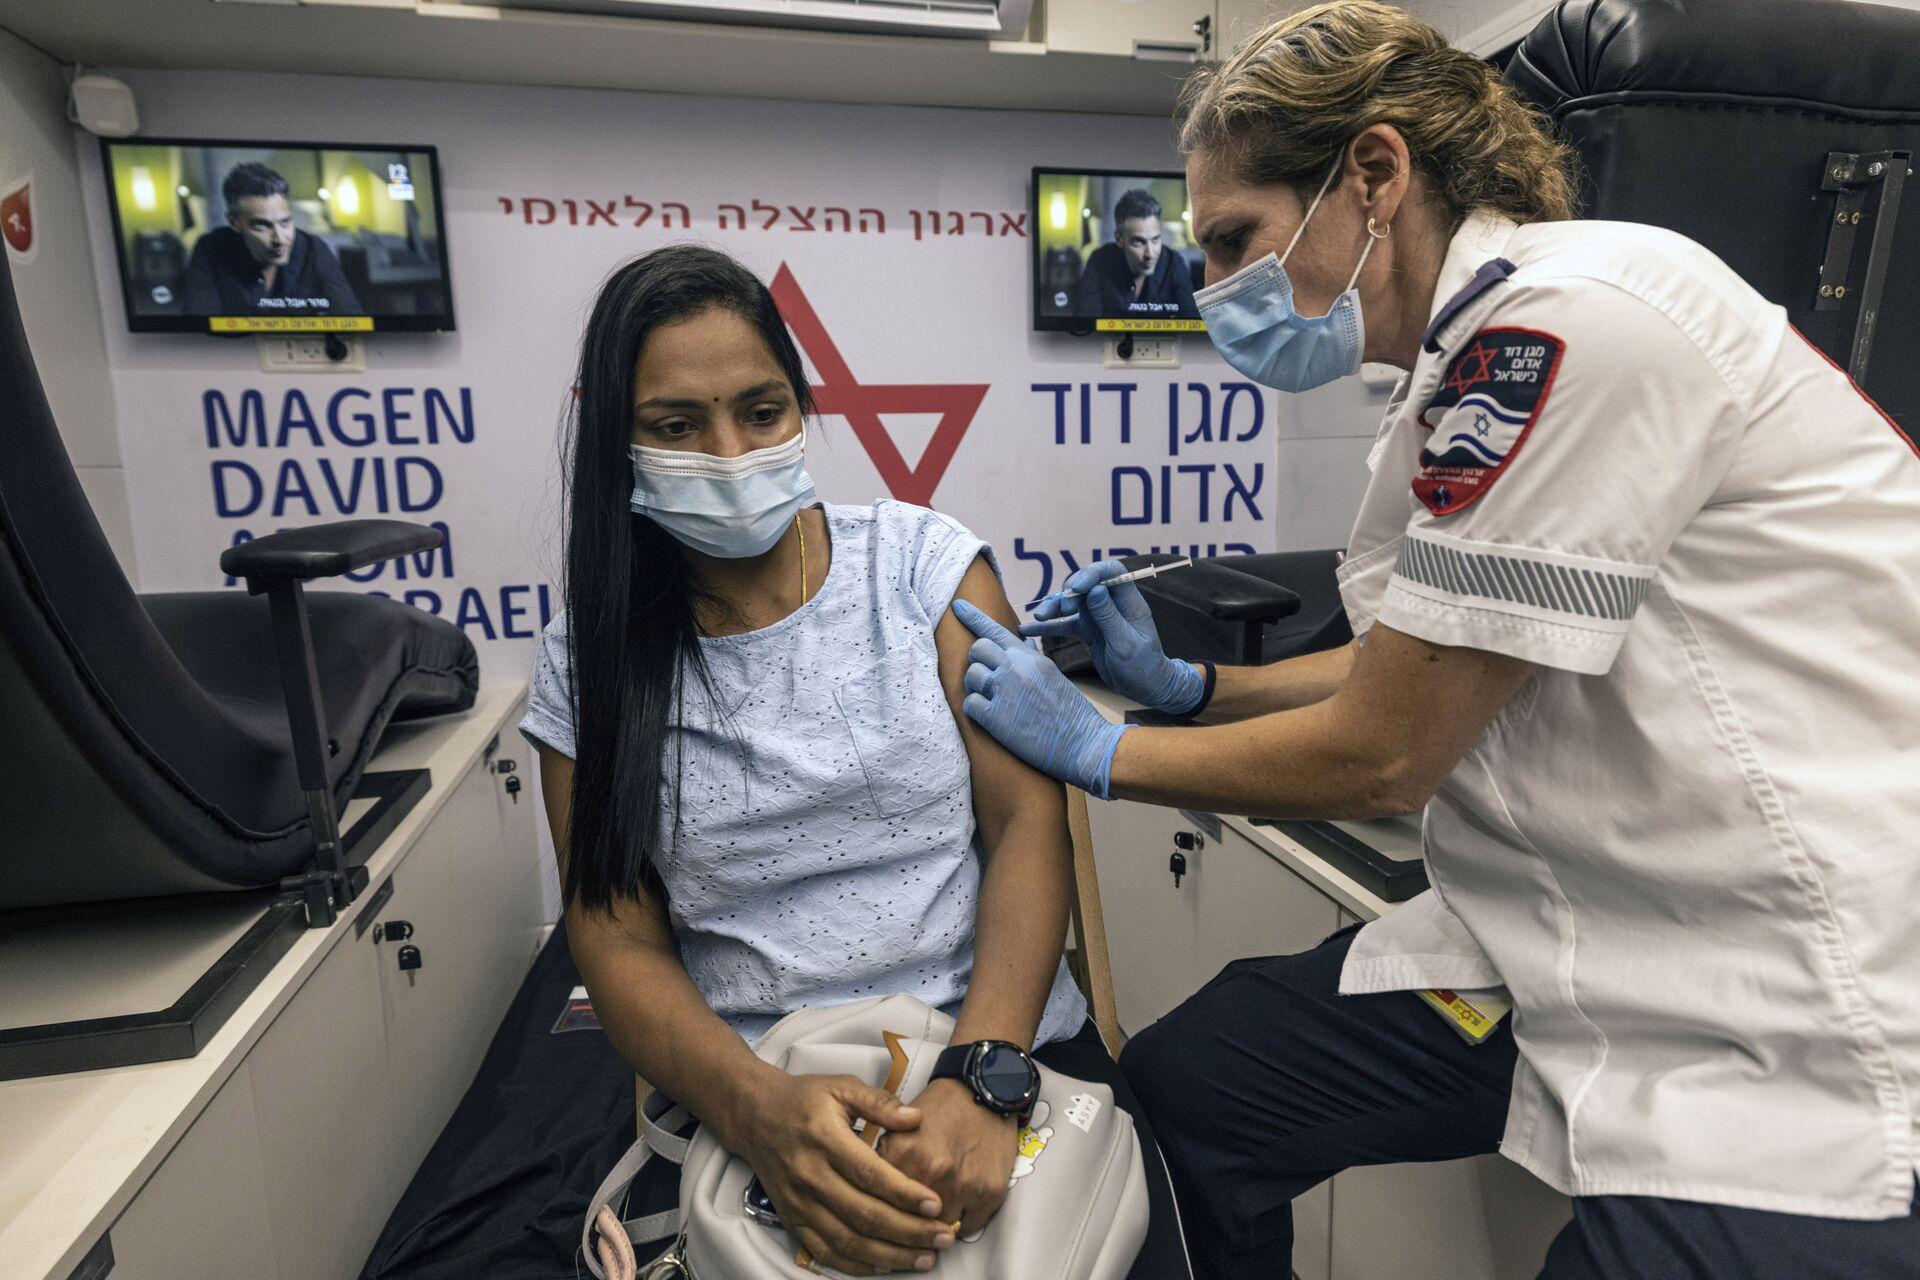 Пандемия коронавируса - вакцинация жителей Израиля в Тель-Авиве - Sputnik Грузия, 1920, 15.09.2021